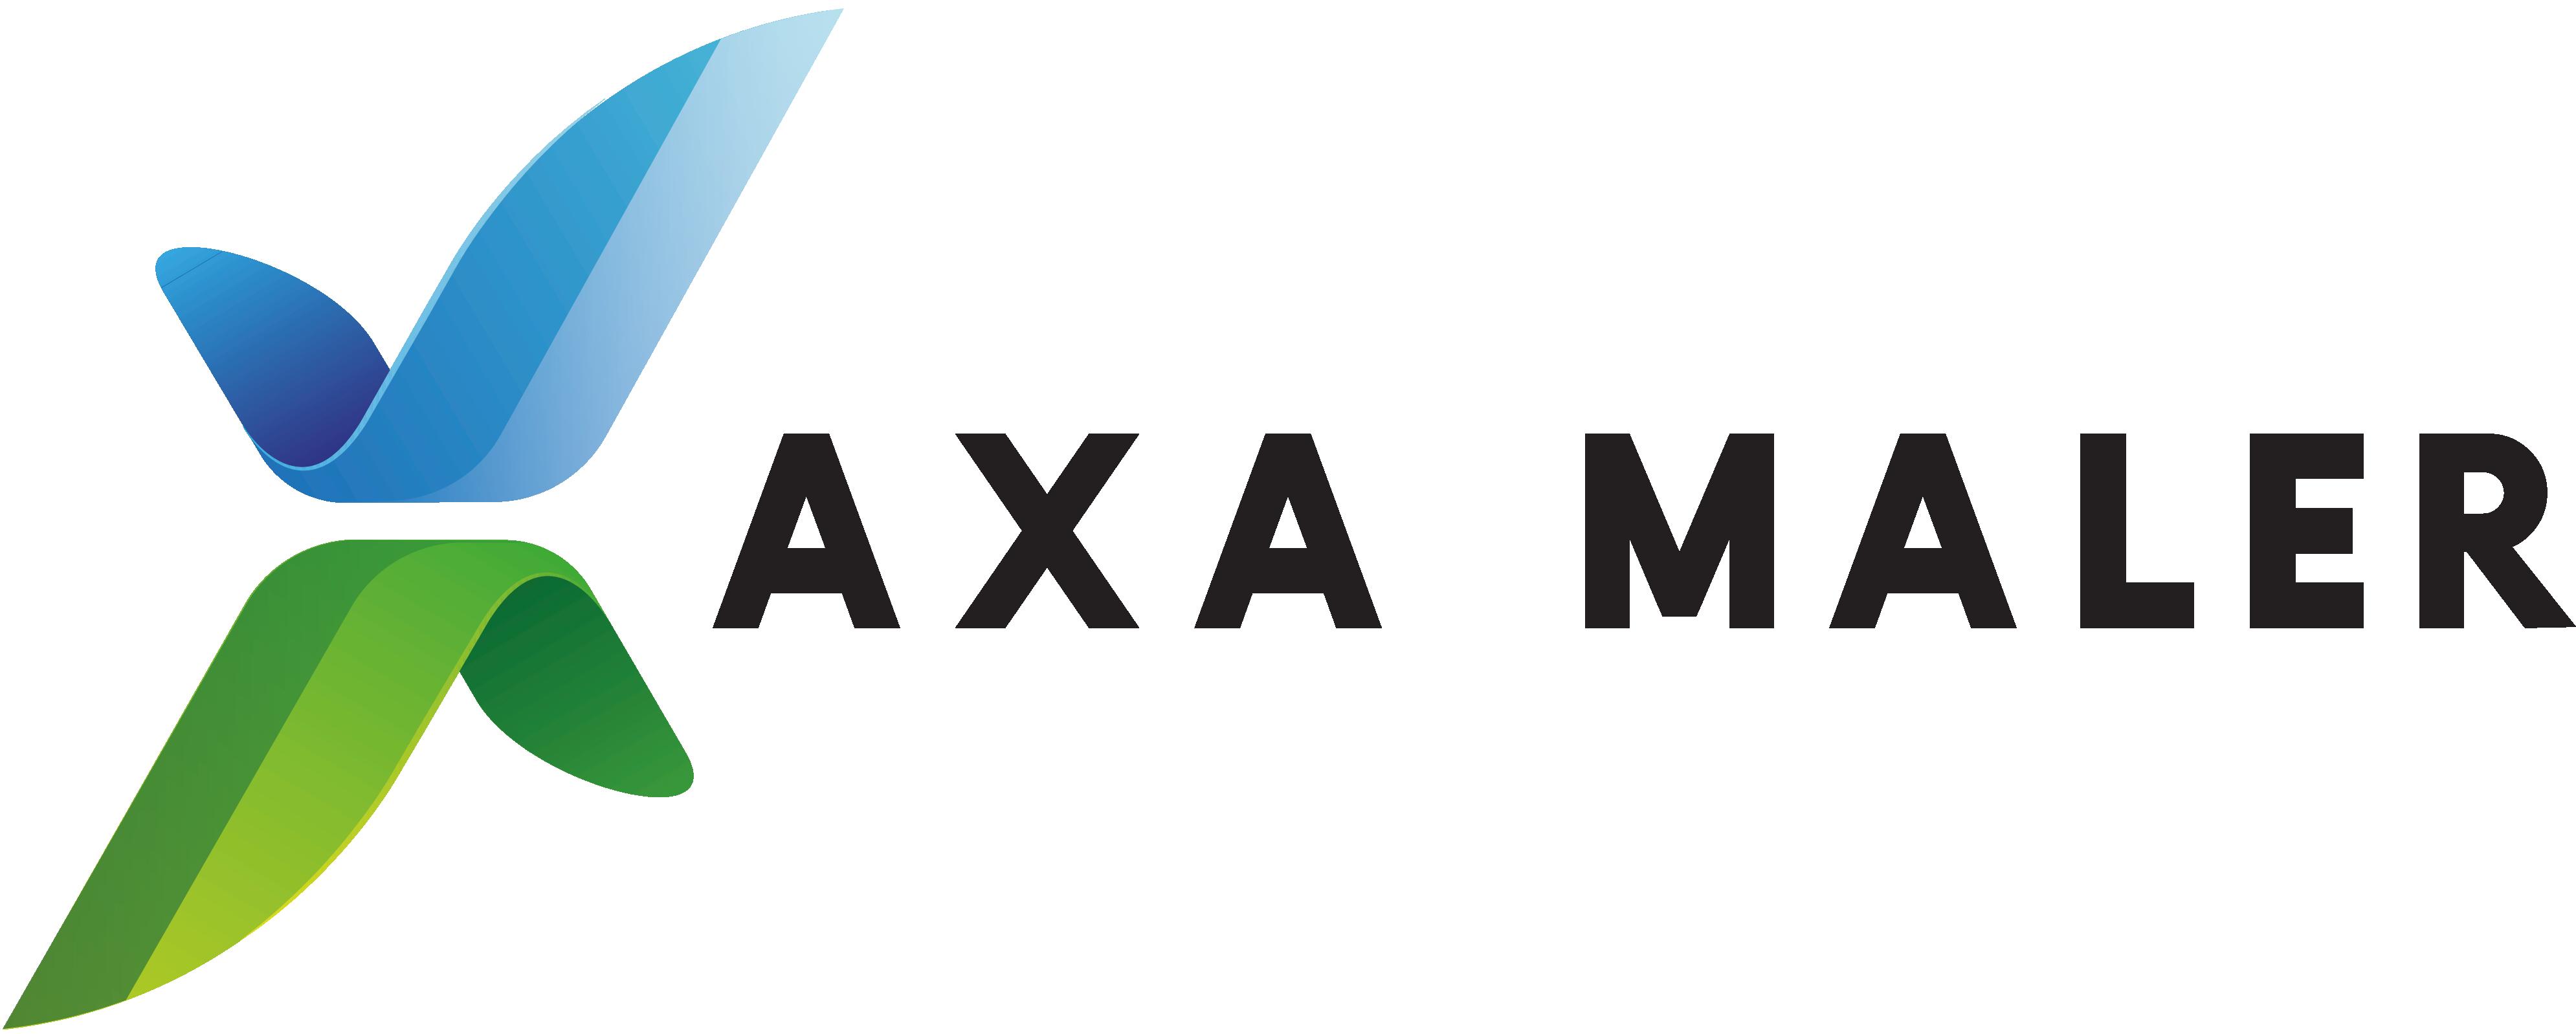 Axa Maler Zürich